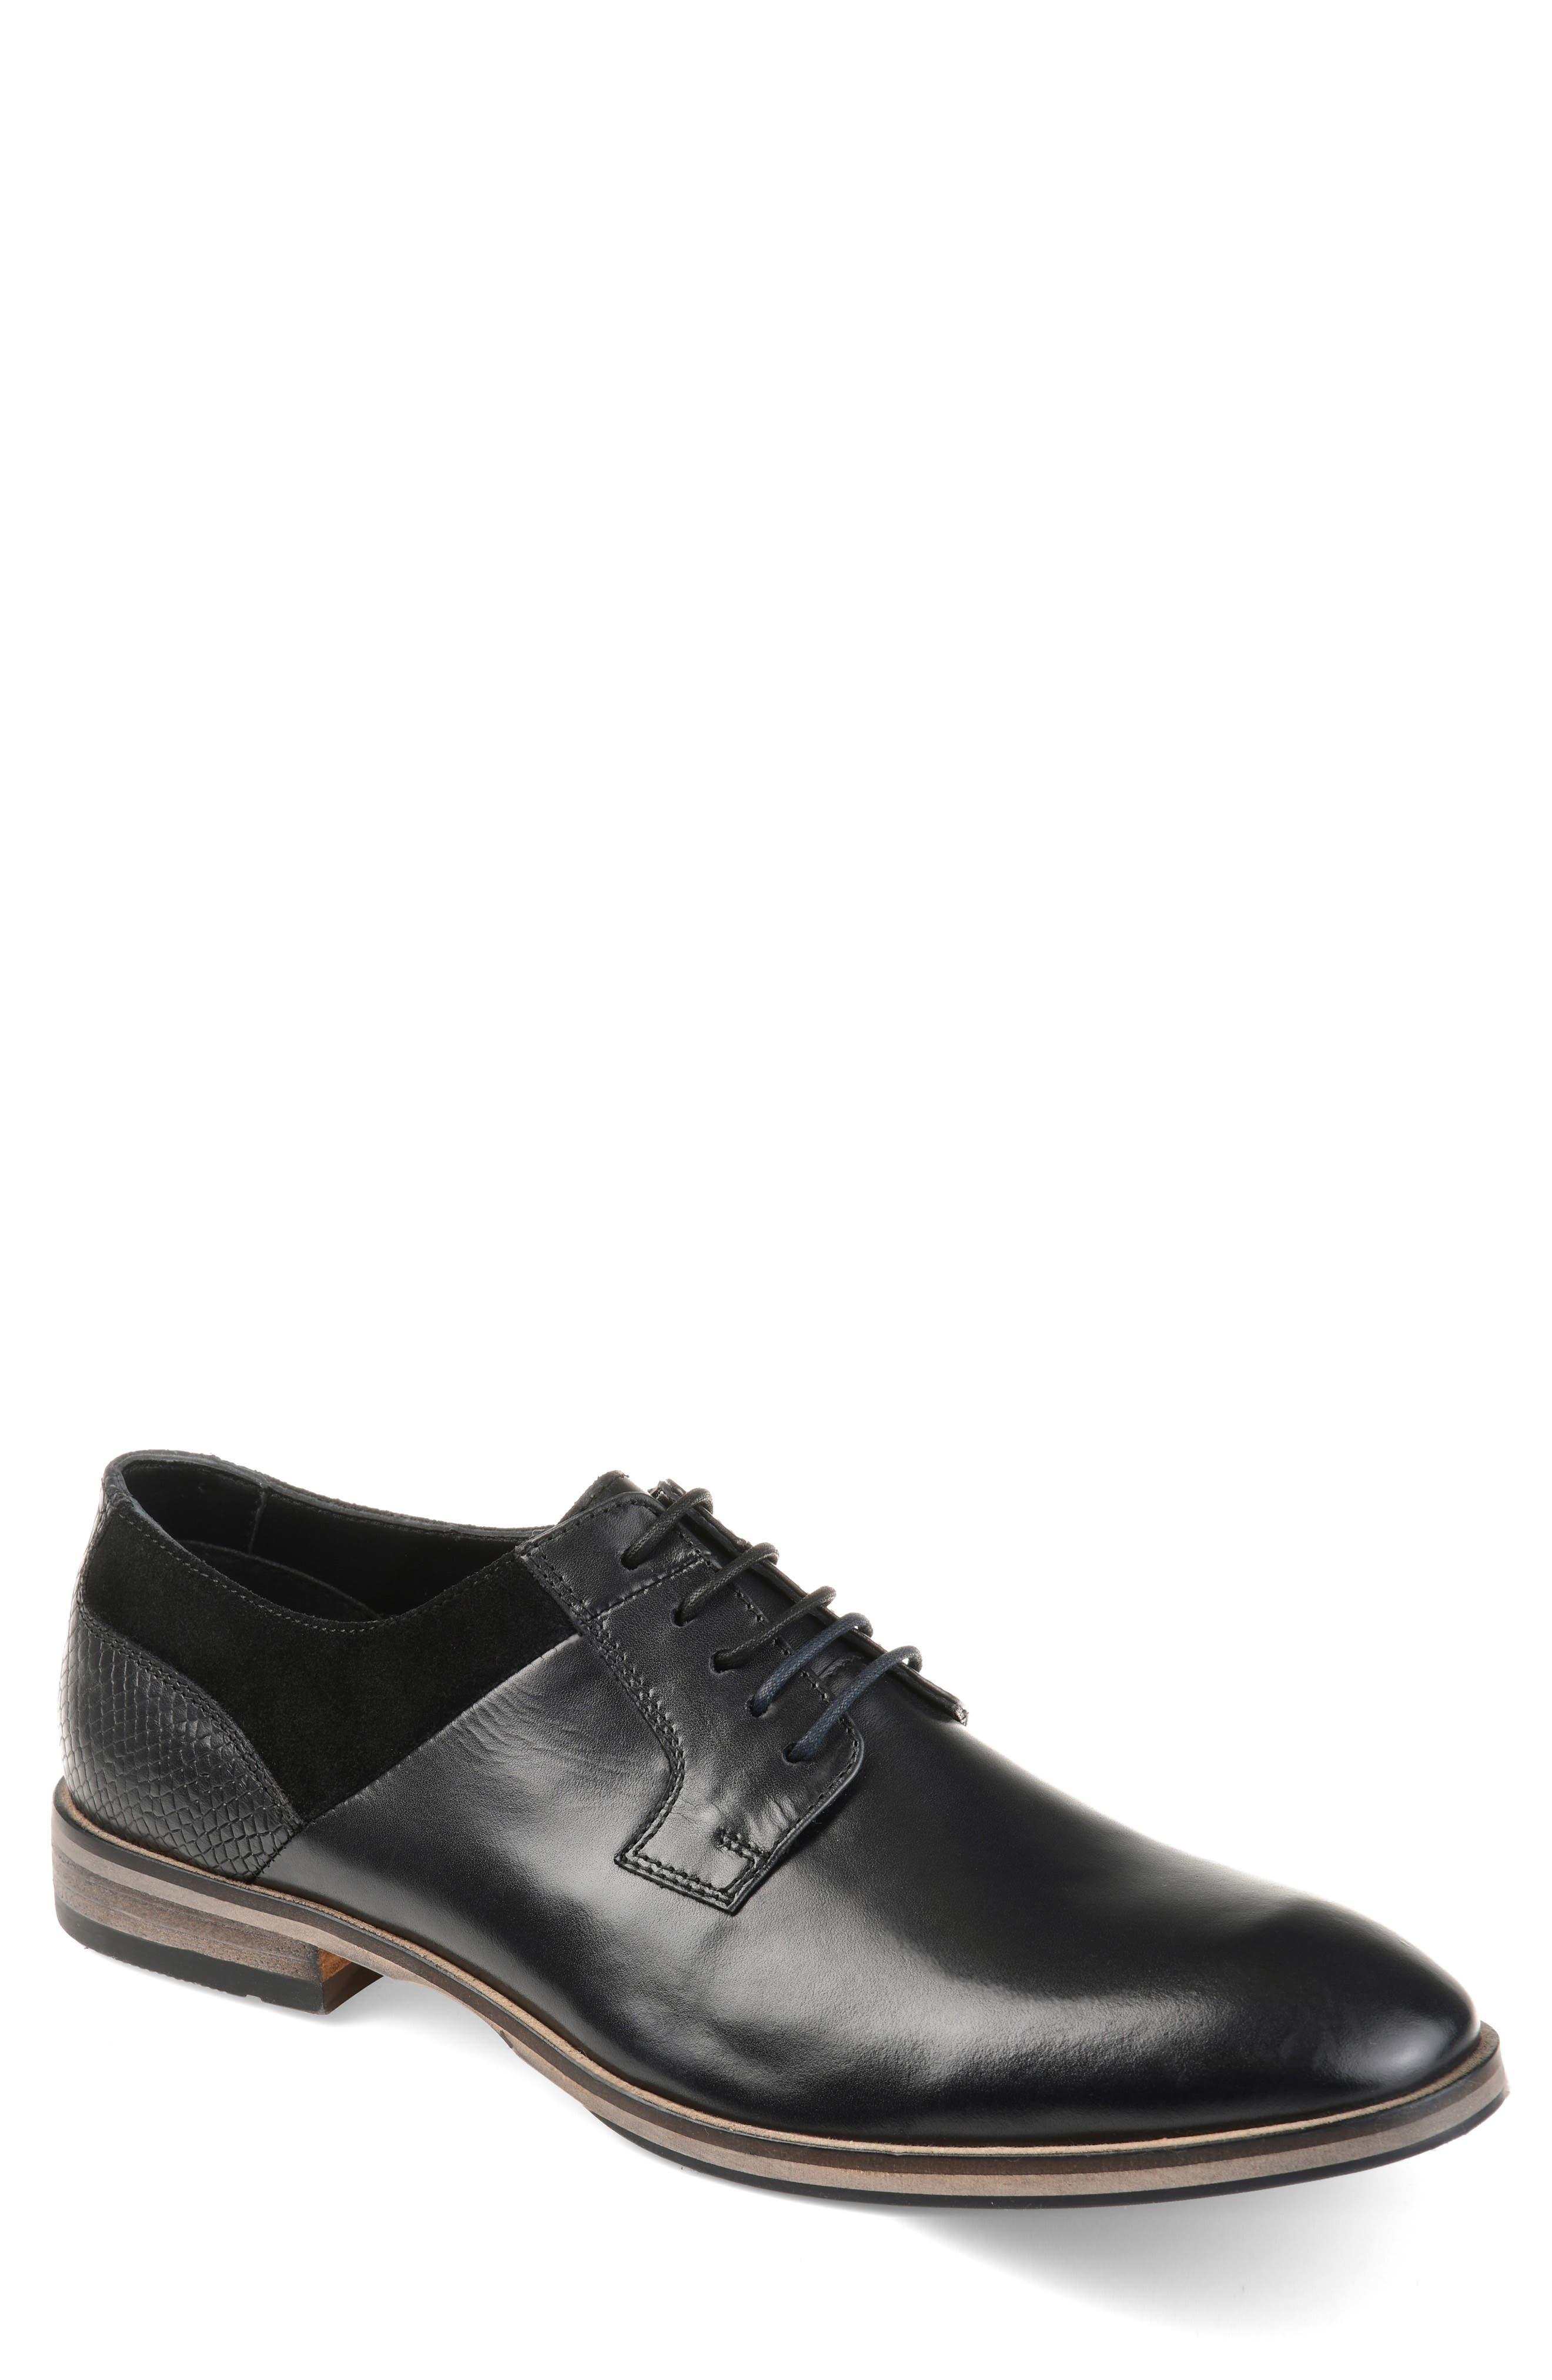 Jaxon Plain Toe Derby, Main, color, BLACK LEATHER